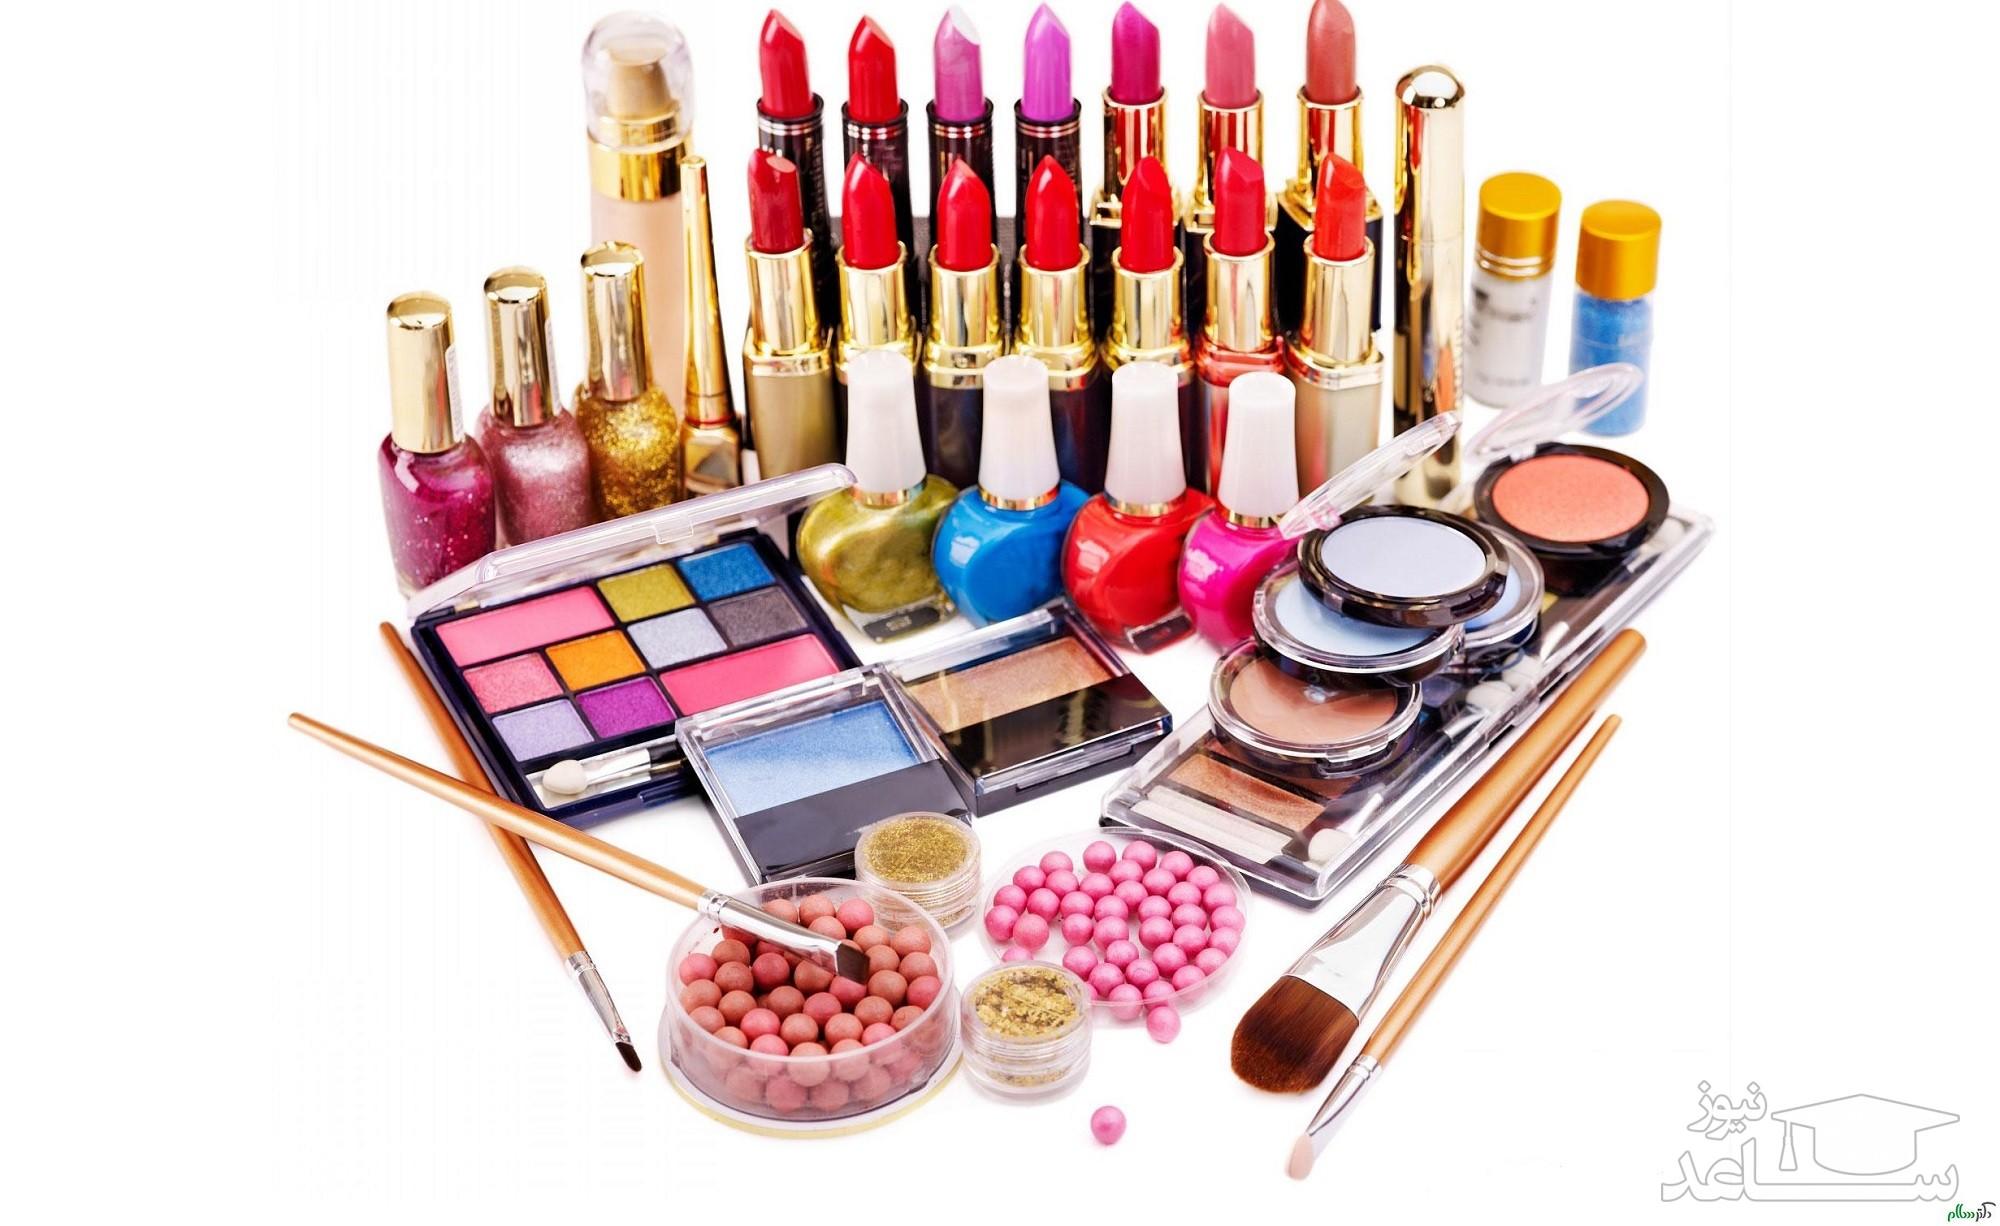 خرج آرایش ایرانیان در سال؛ ۸۰ هزار میلیارد تومان است